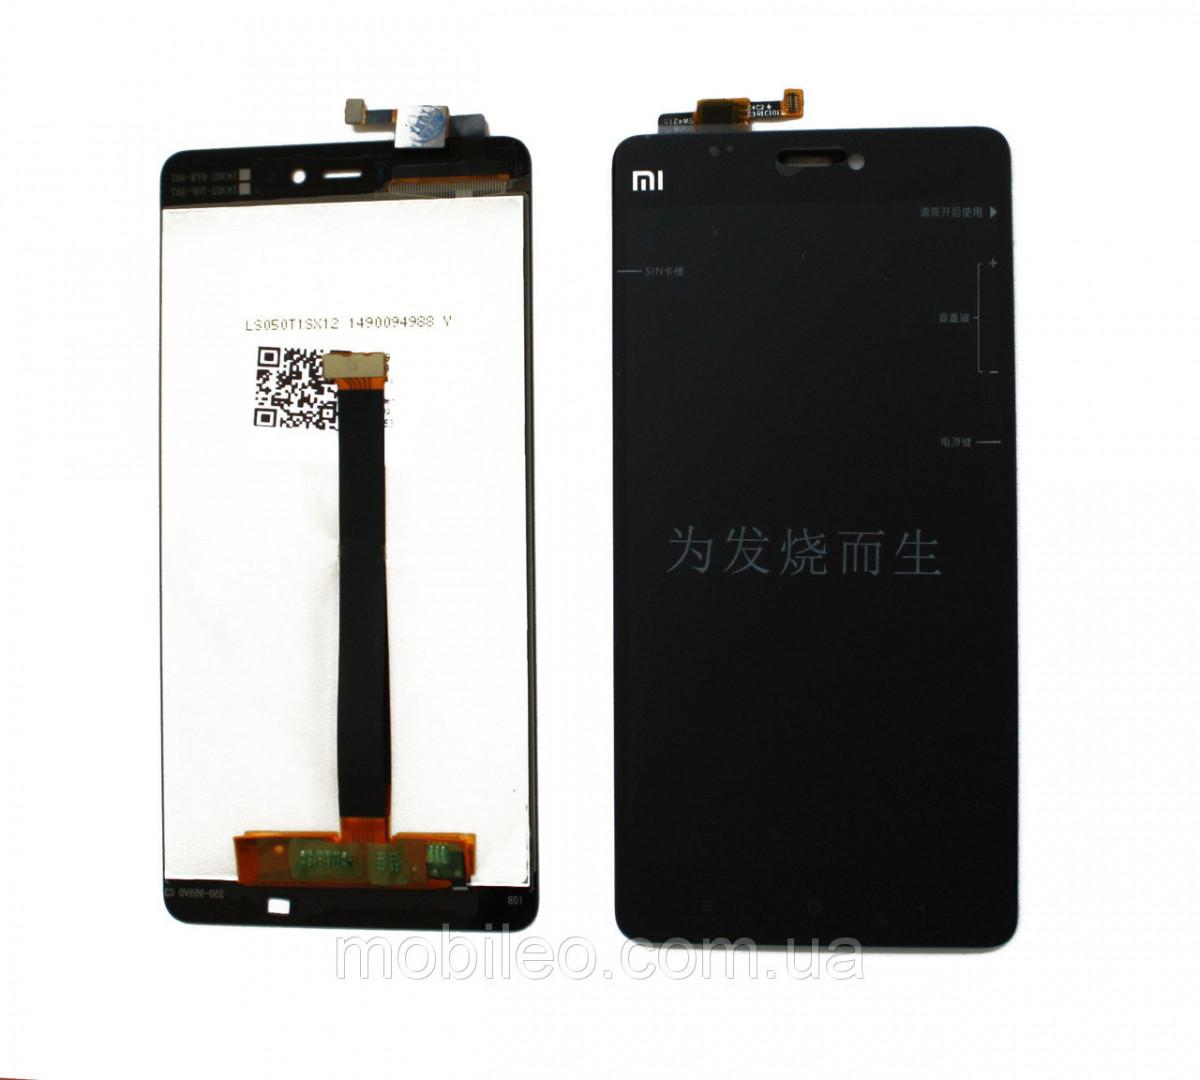 Дисплей (LCD) Xiaomi Mi 4s | Mi4s с тачскрином, чёрный